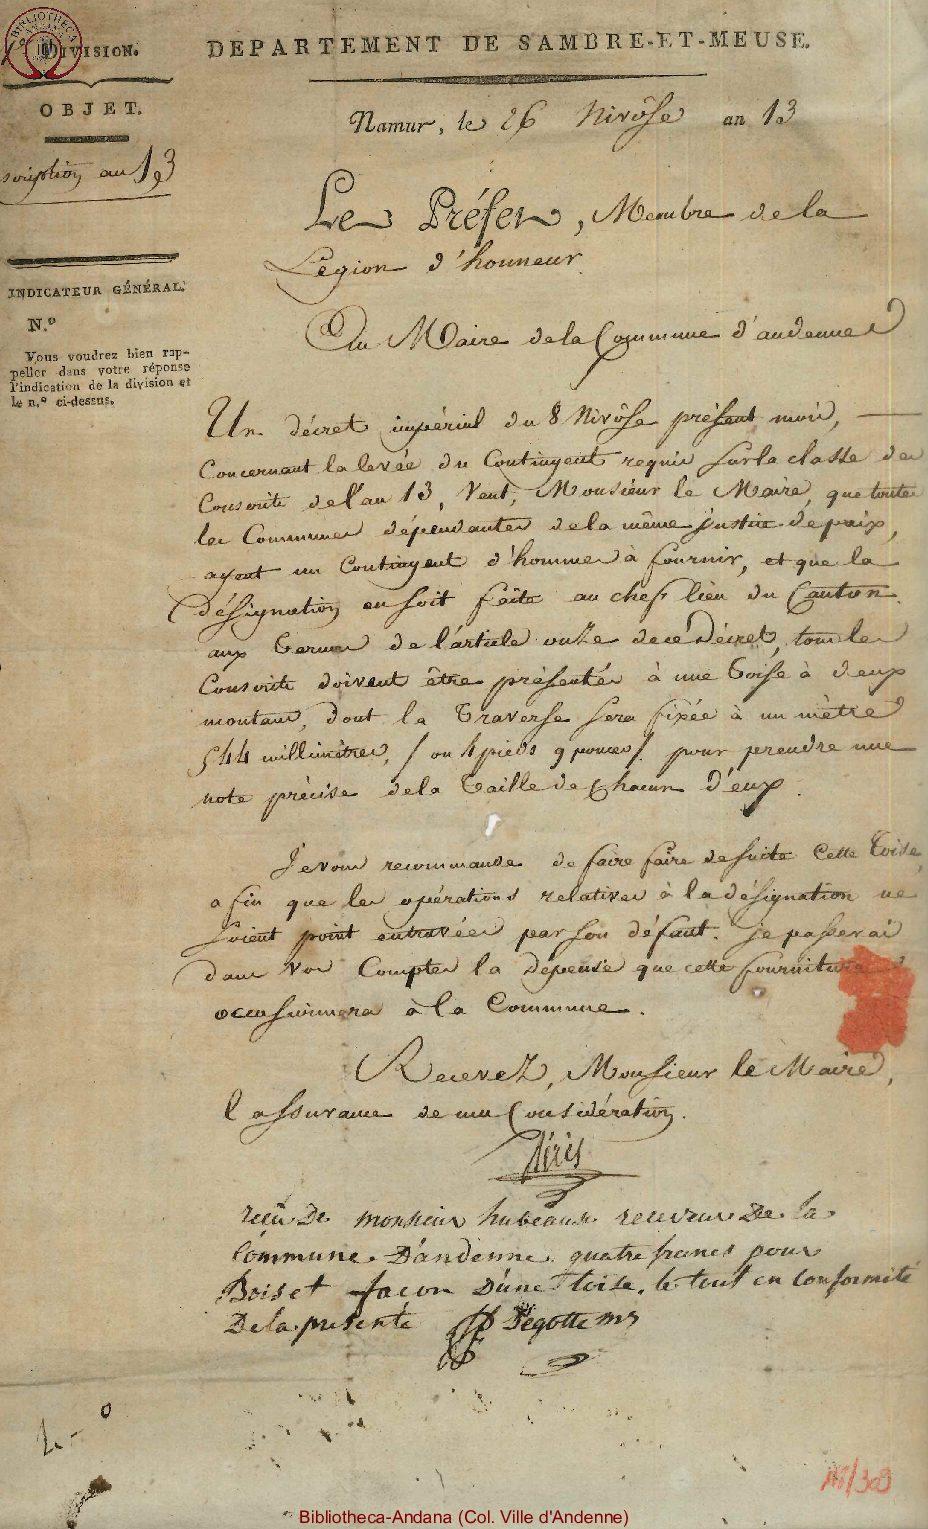 1805-01-16 (26 nivôse an 13)